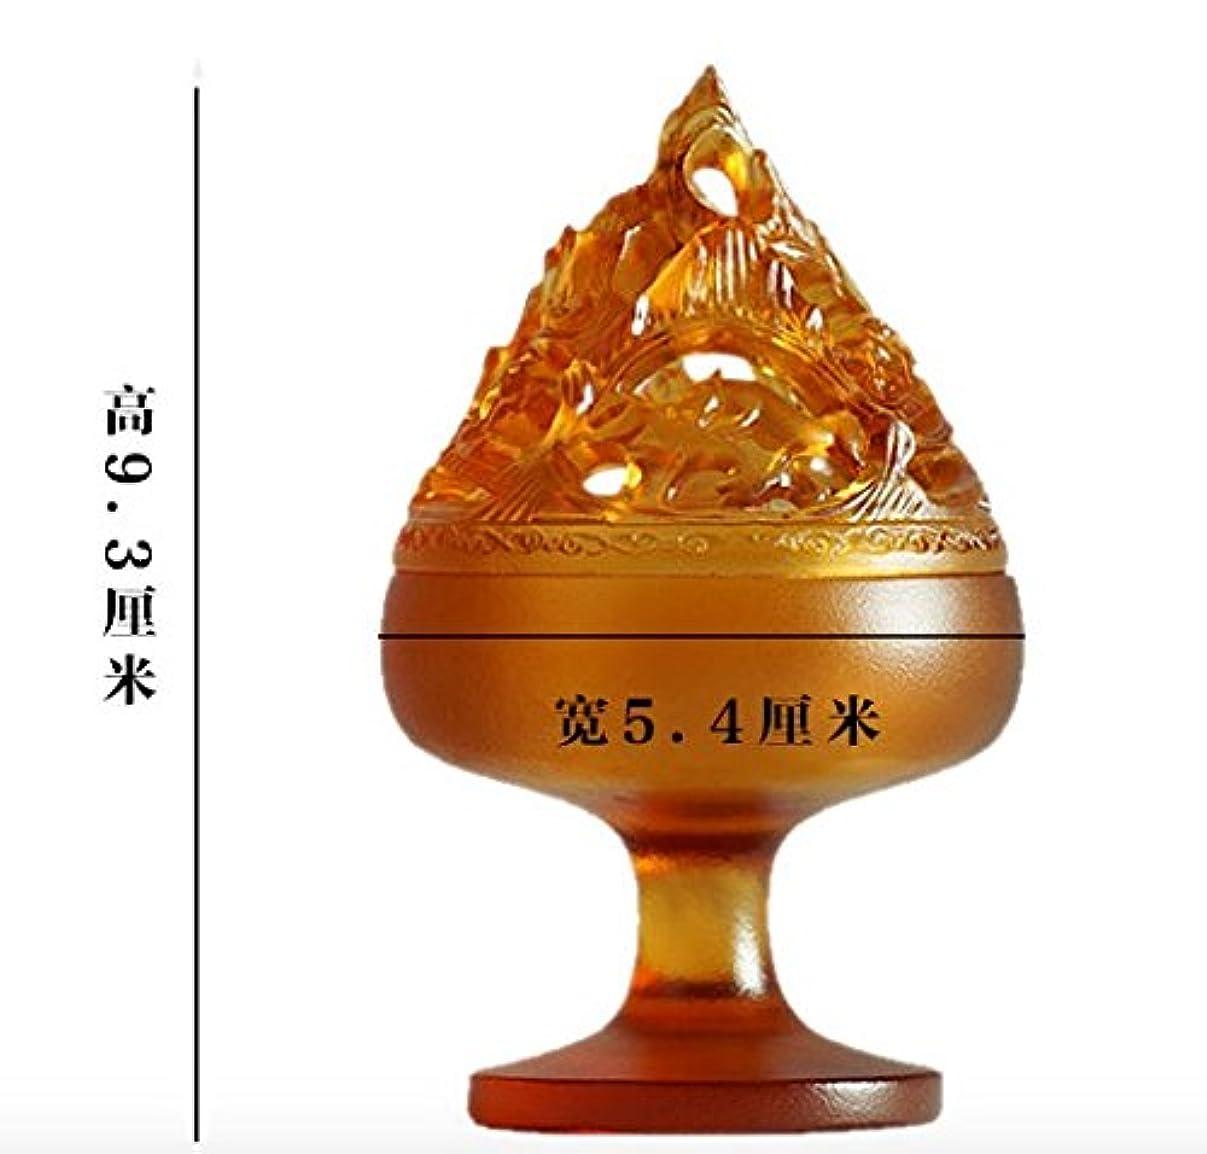 口述する海岸逃げる【Lenni】仿古博山炉 香道 博物館模倣 瑠璃アロマ香炉 沉香熏香炉